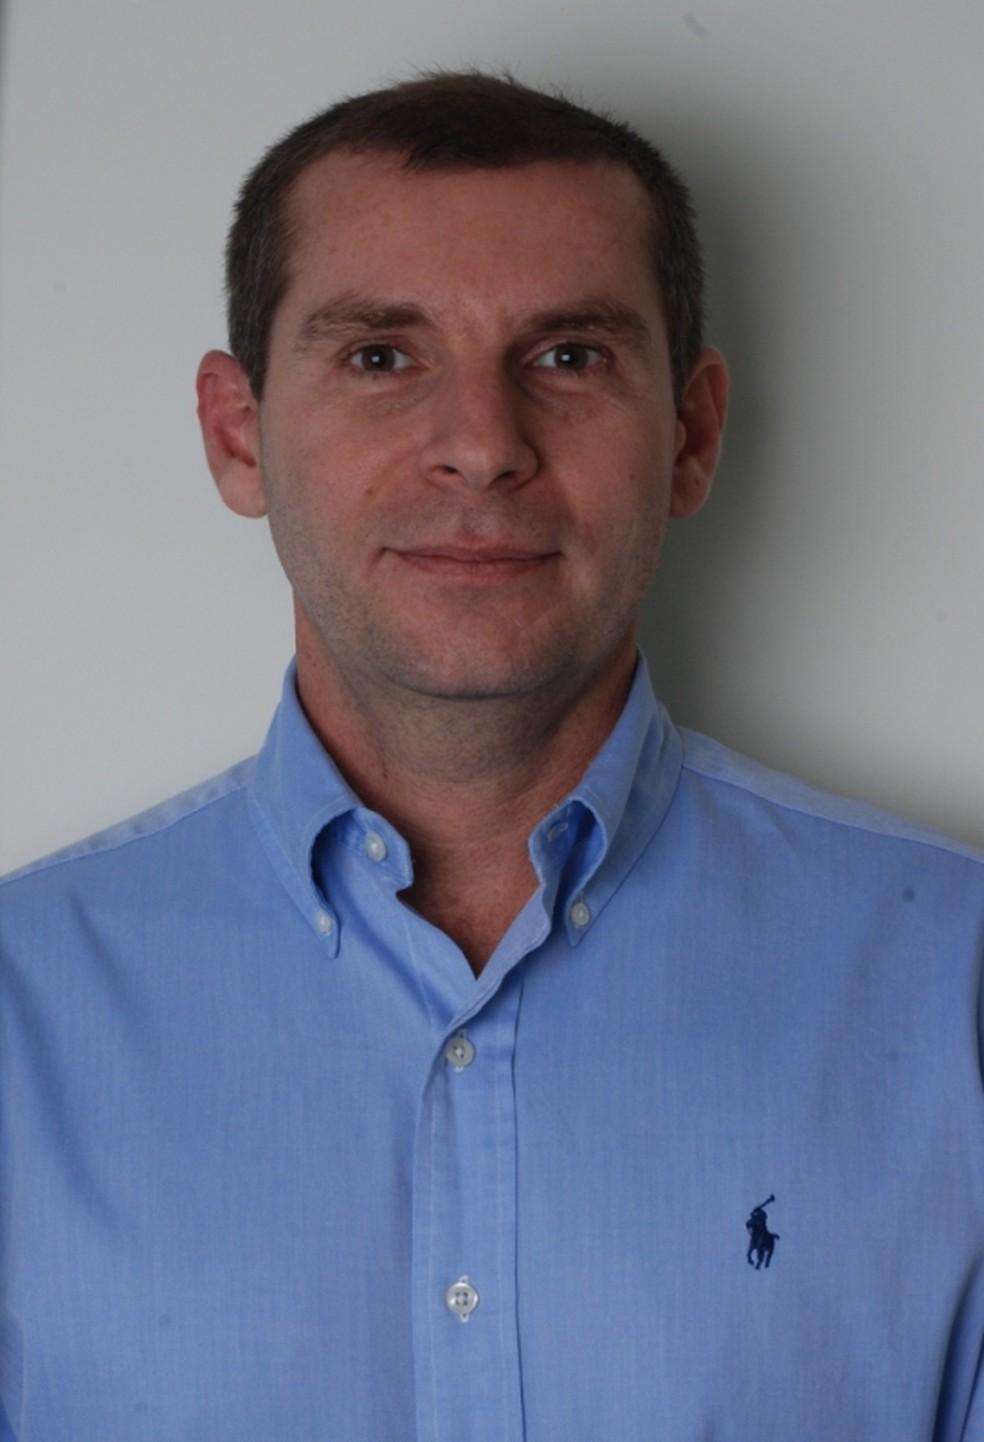 Luis Torezan (CRM 72624/SP) — Foto: Divulgação